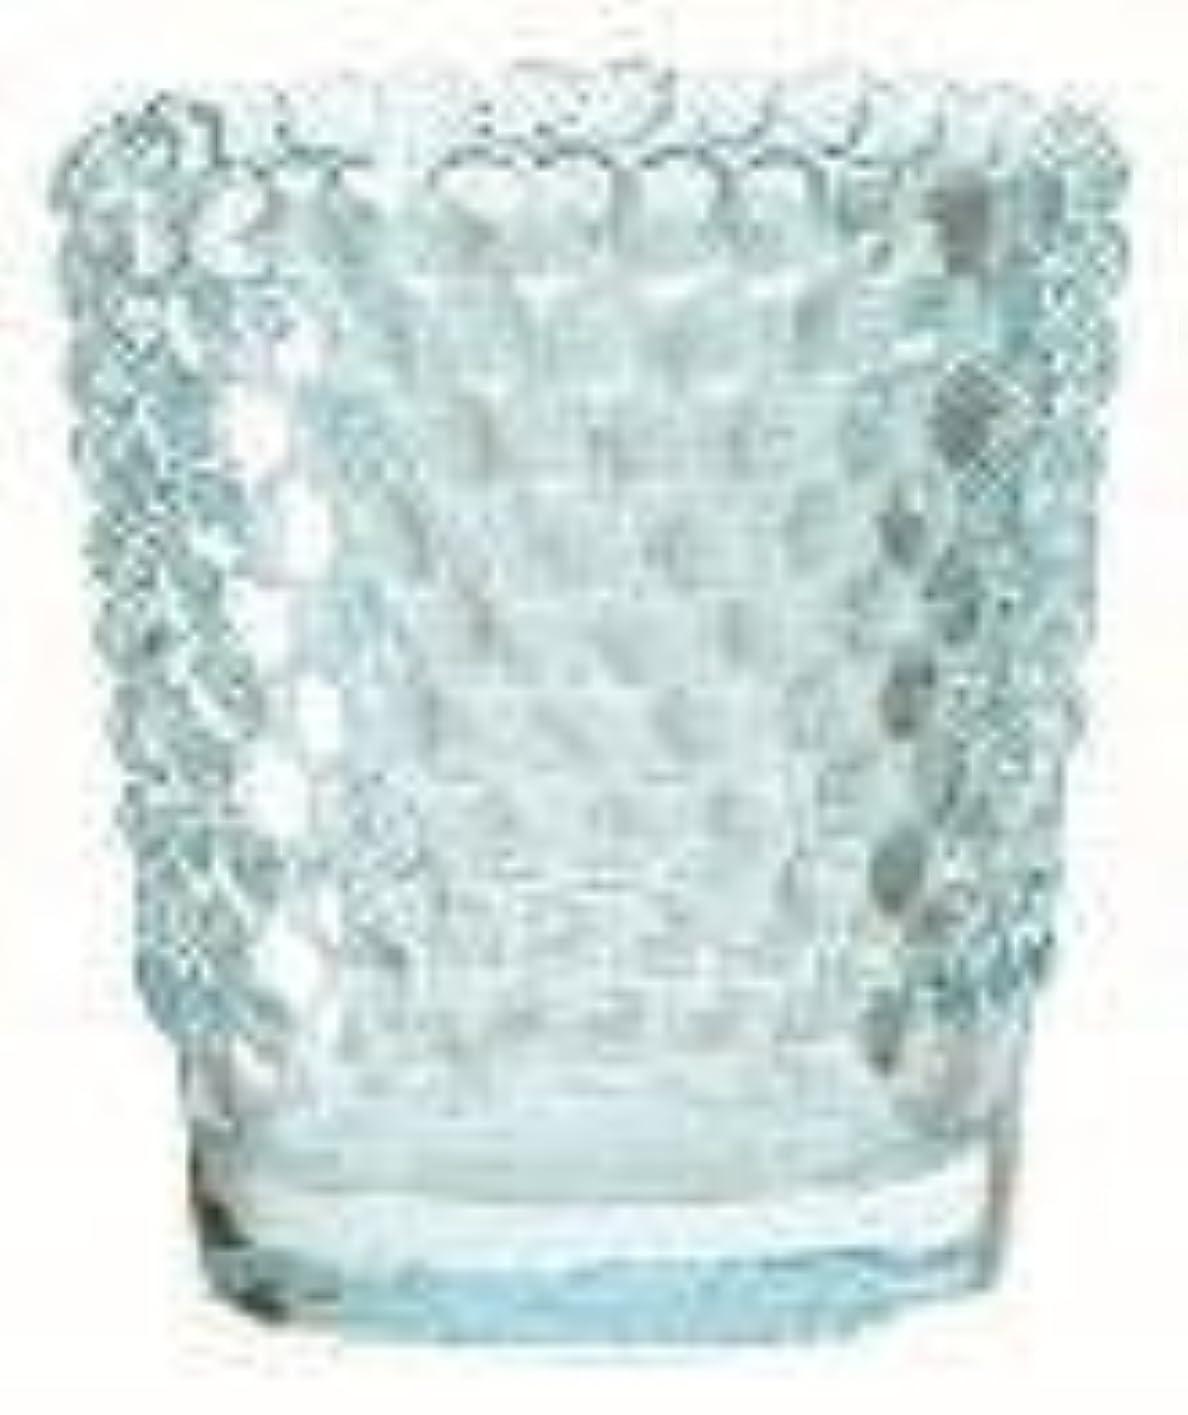 キャンセル傾向がある血色の良いカメヤマキャンドル(kameyama candle) ホビネルグラス 「 サファイア 」6個セット